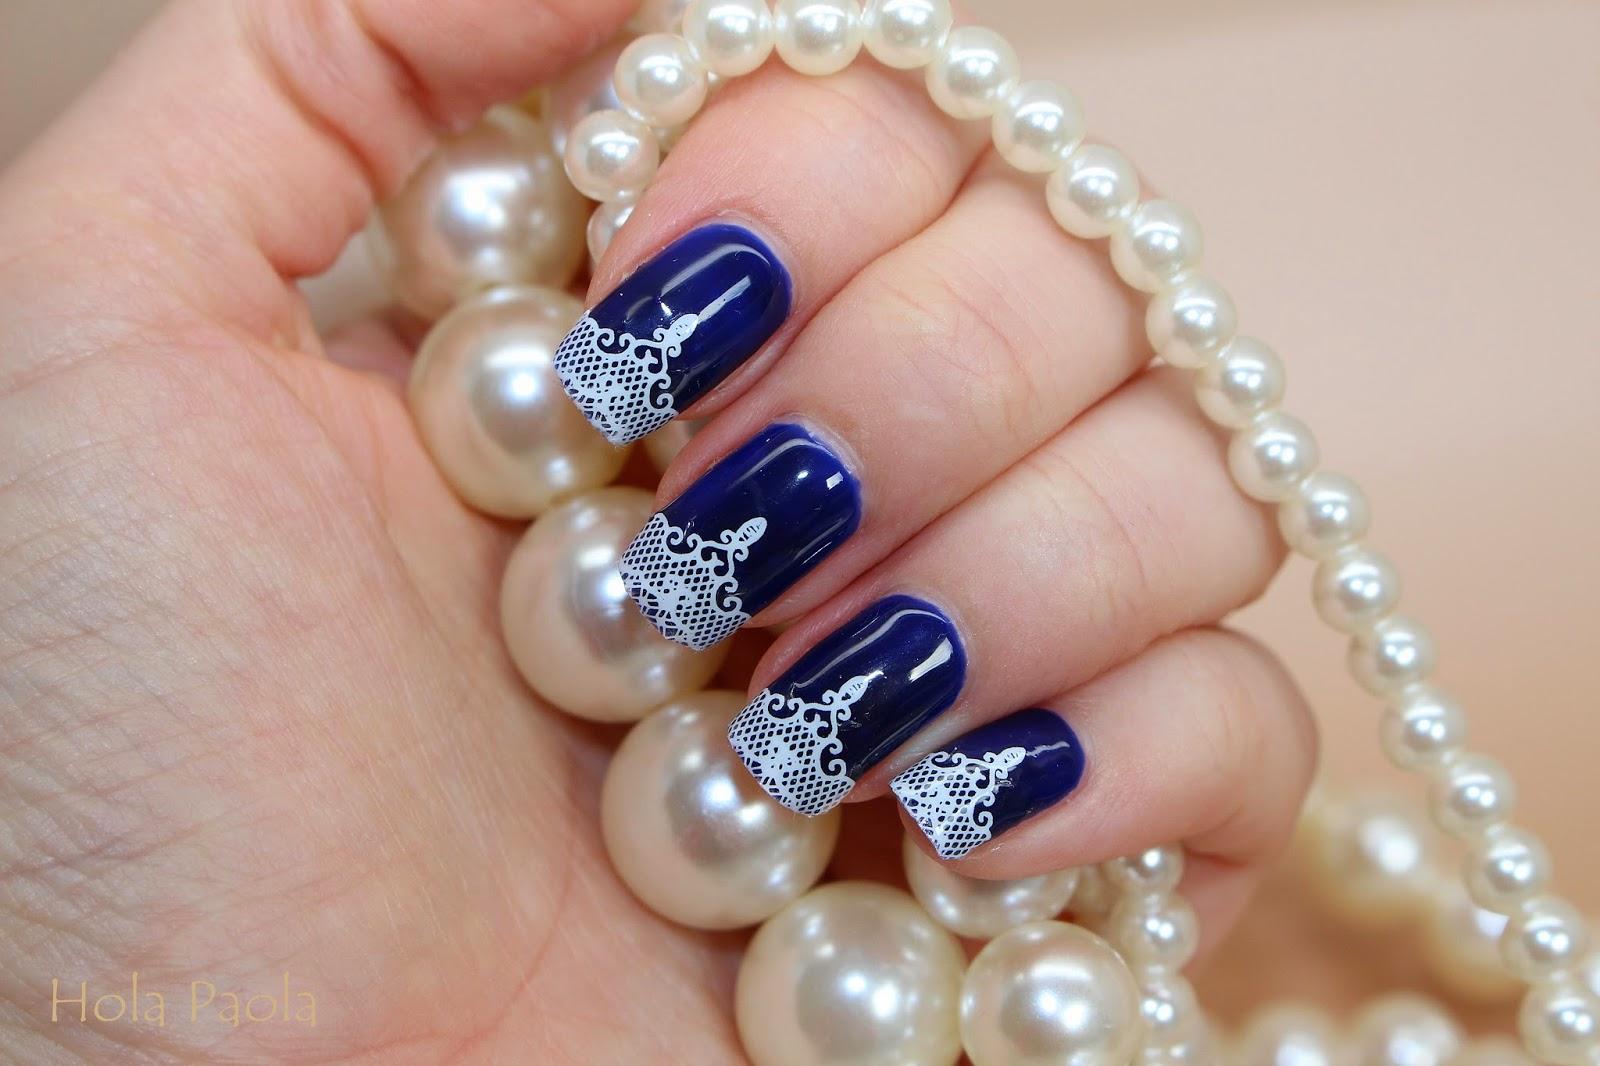 Semilac 088 Blue Ink Water Decal hybrydy niebieski naklejki wodne Diamond Cosmetics paznokcie białe koronka naturalna płytka długie paznokcie